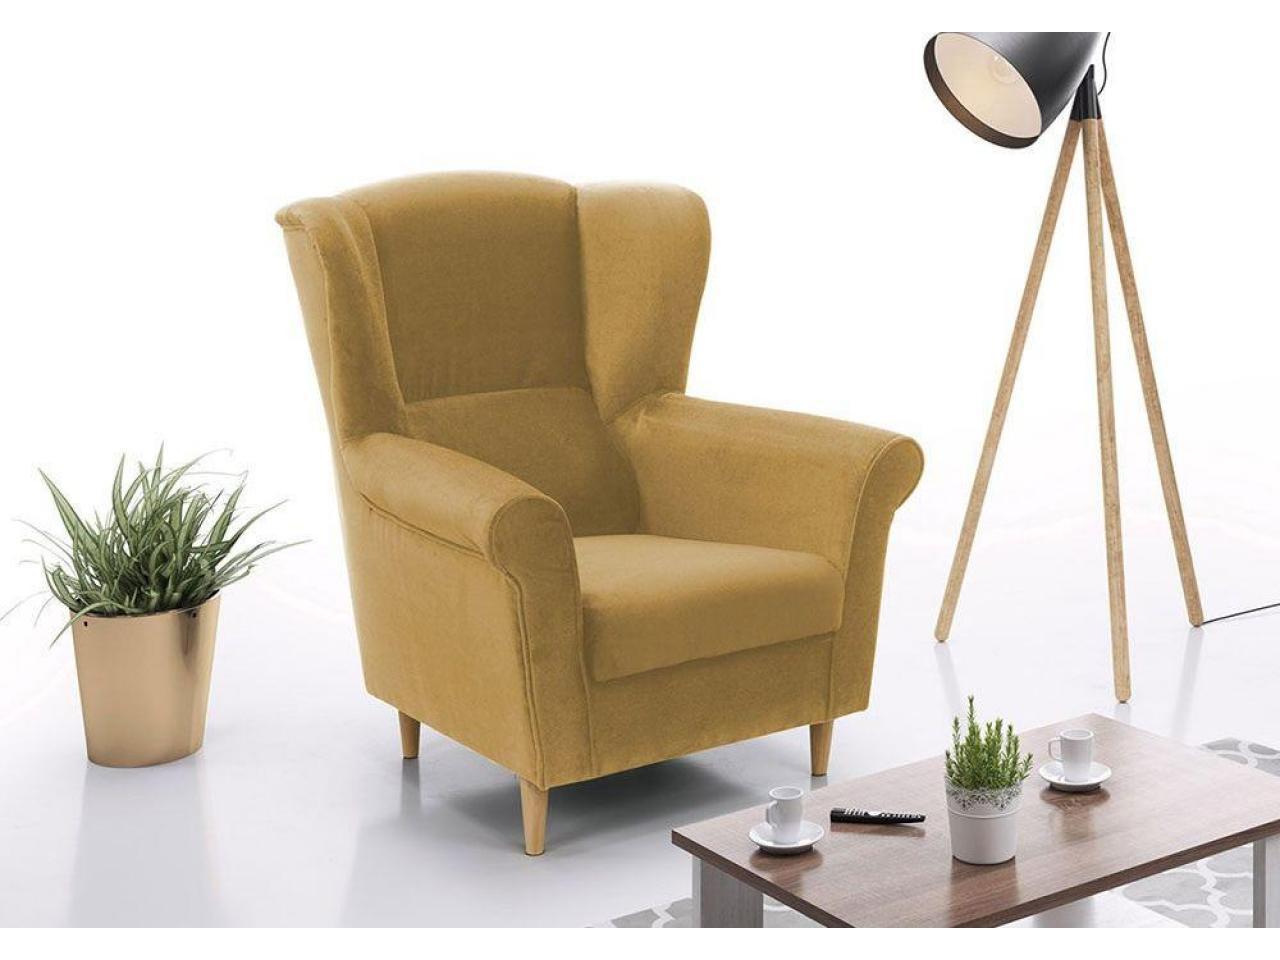 Furnipol - кресла удобные и недорогие! - 7